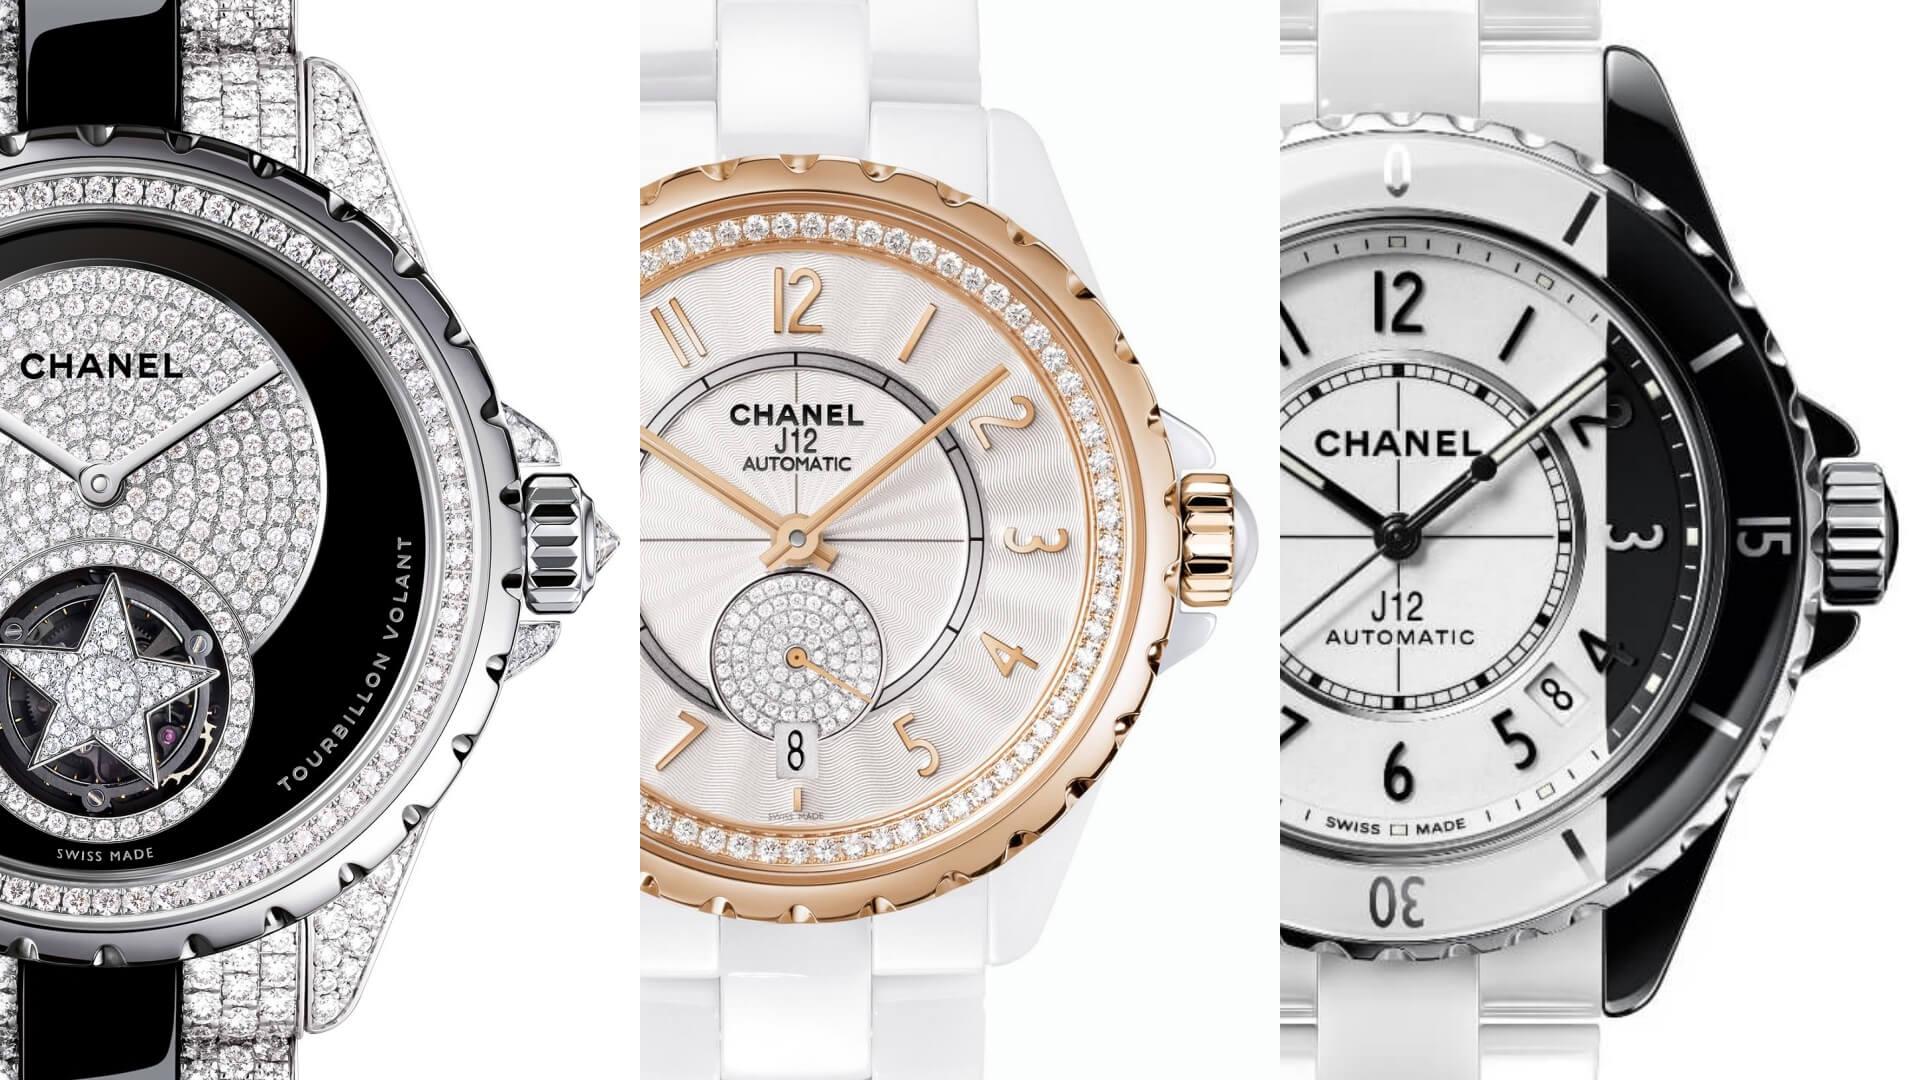 J12腕錶歷經多年演變,在「元祖」黑白款式之外仍有不少嶄新設計。